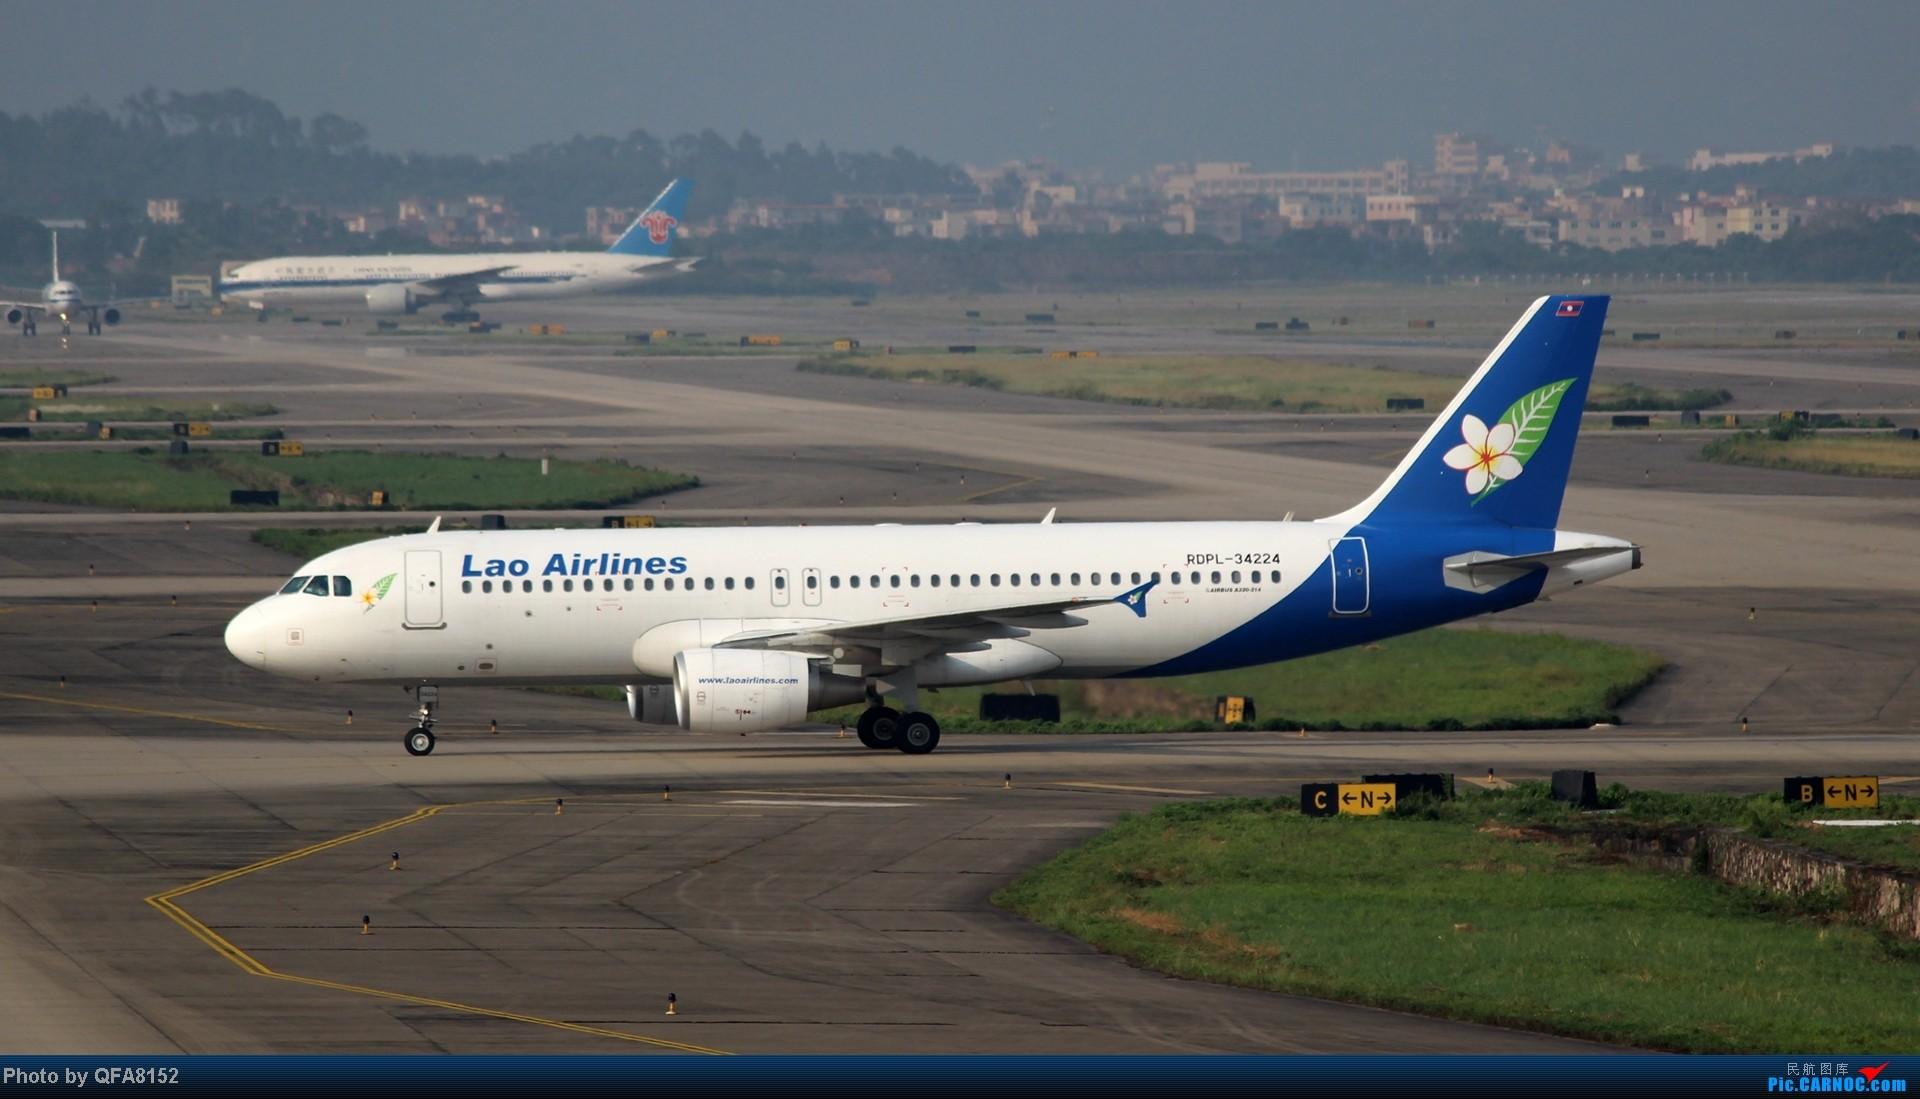 Re:2014.10.2广州白云消防塔拍机 AIRBUS A320-200 RDPL-34224 中国广州白云机场